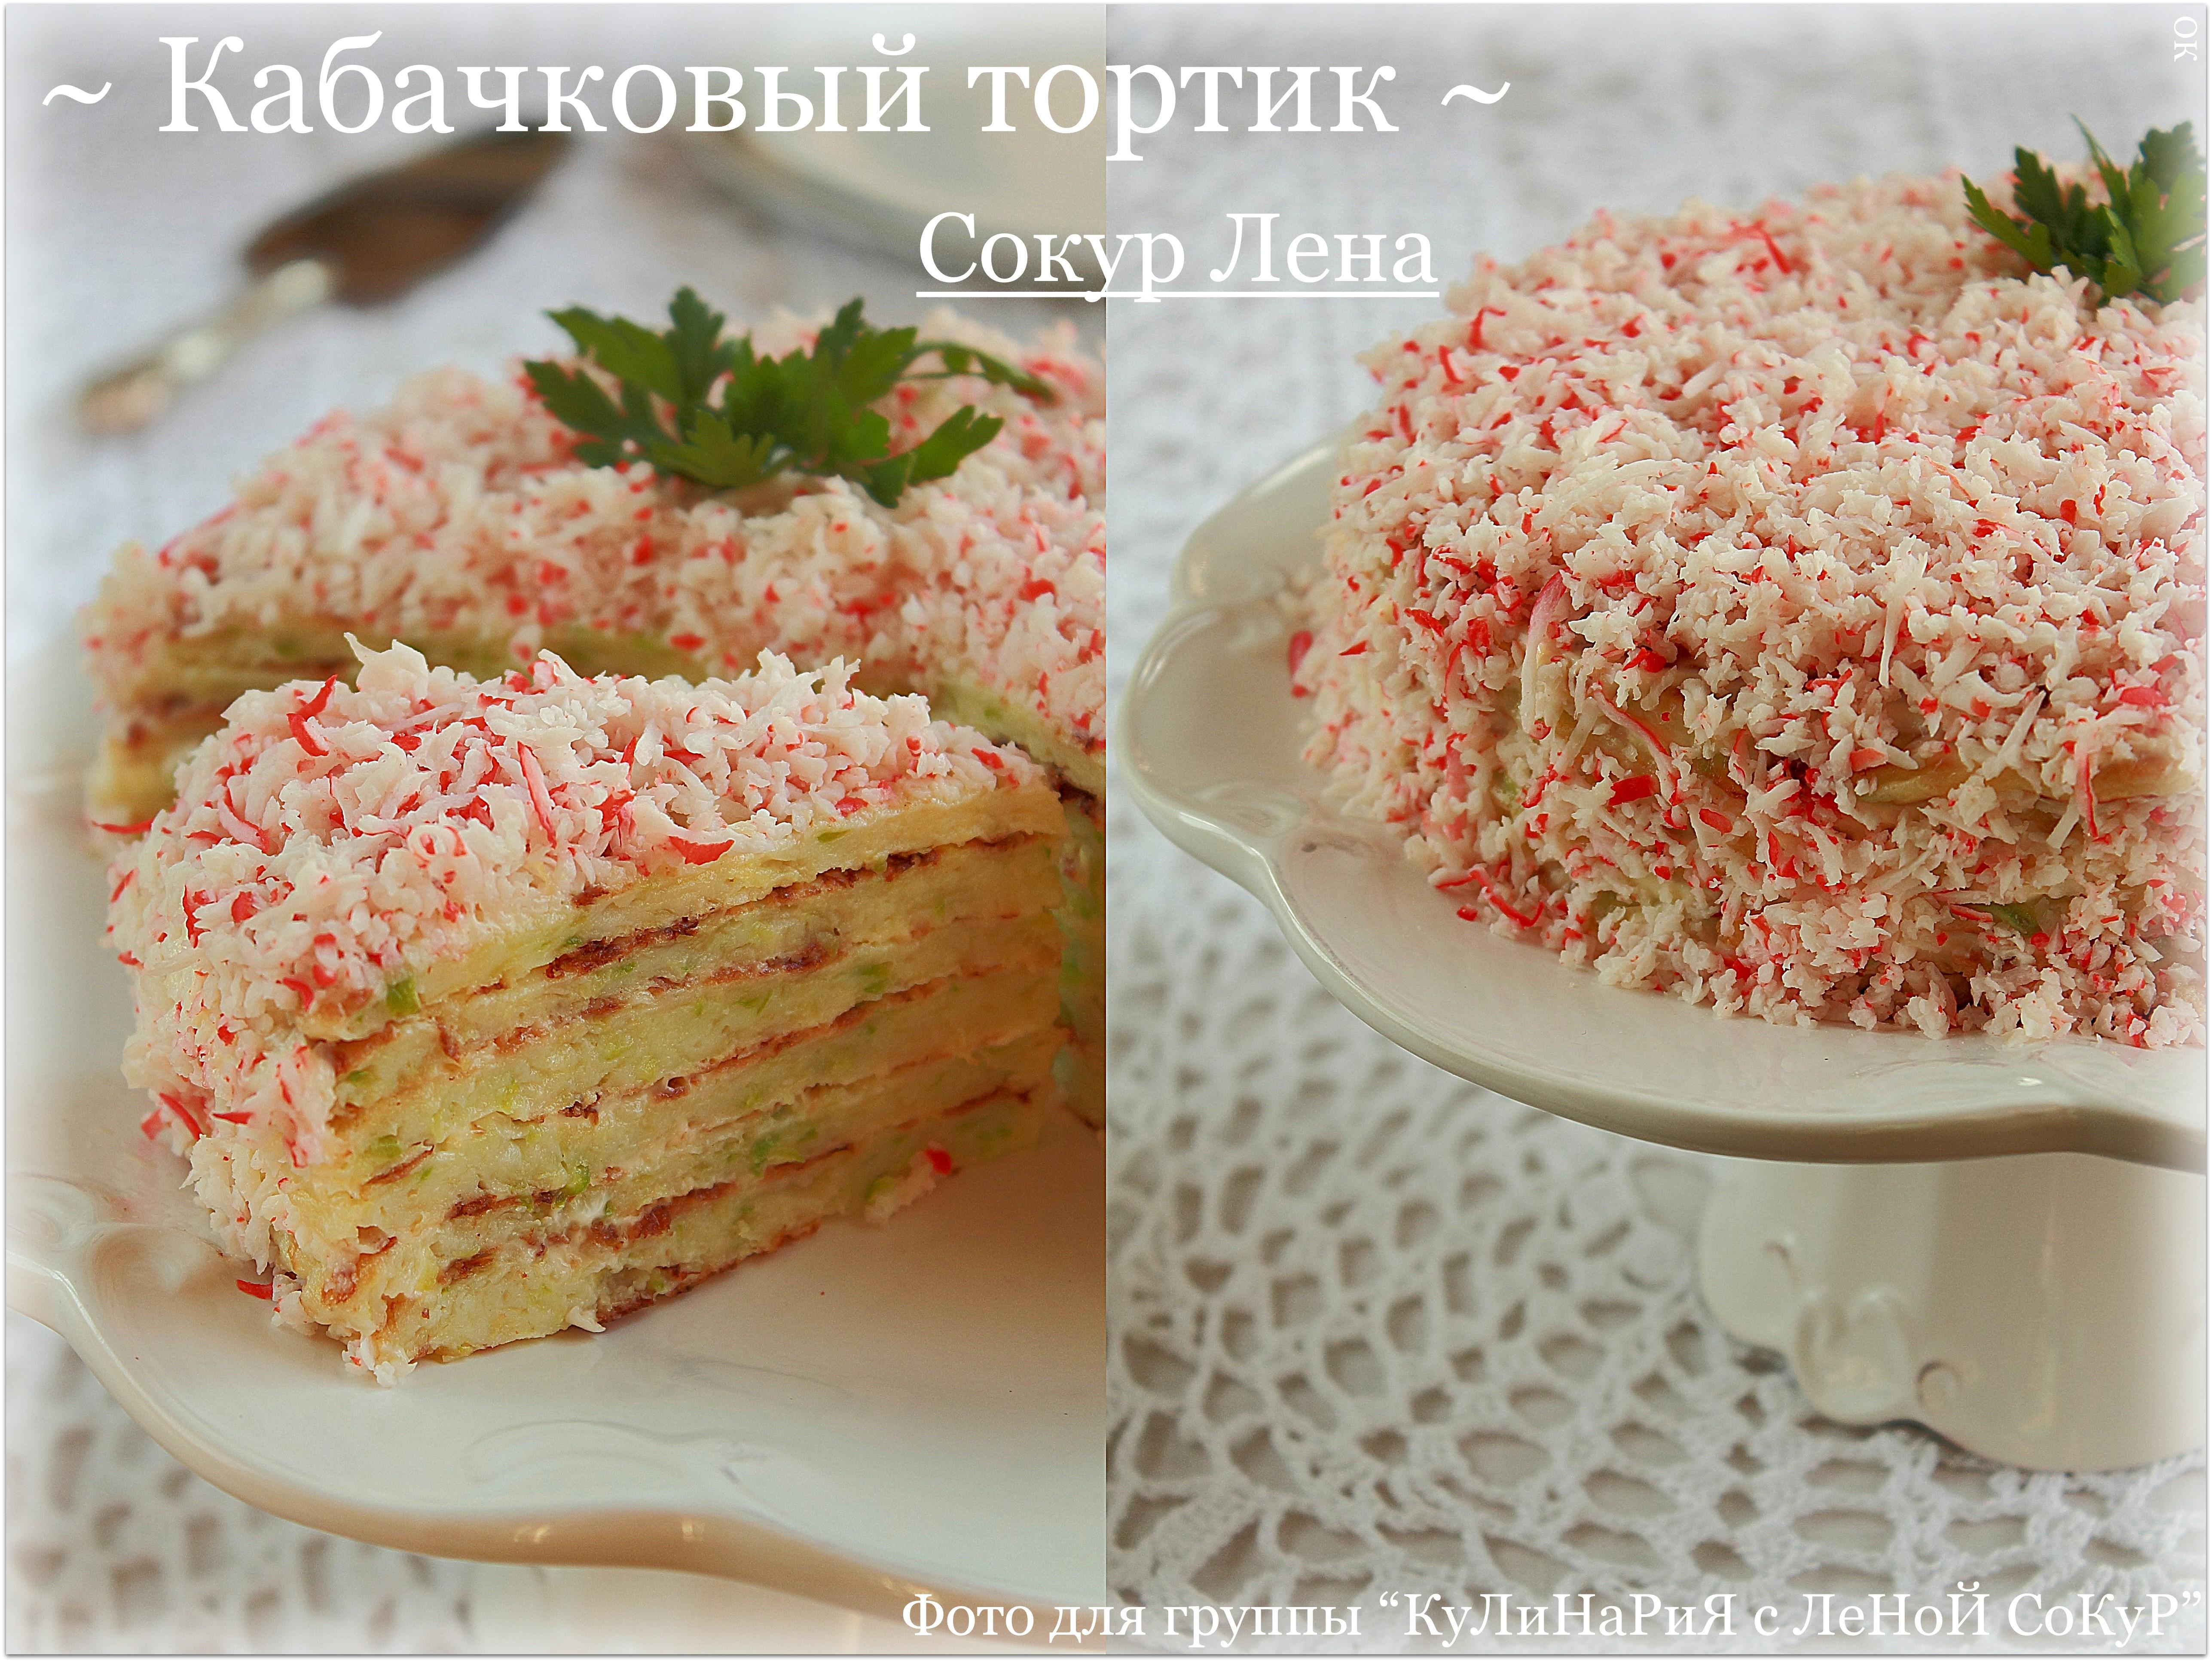 Как сделать кабачковый торт фото